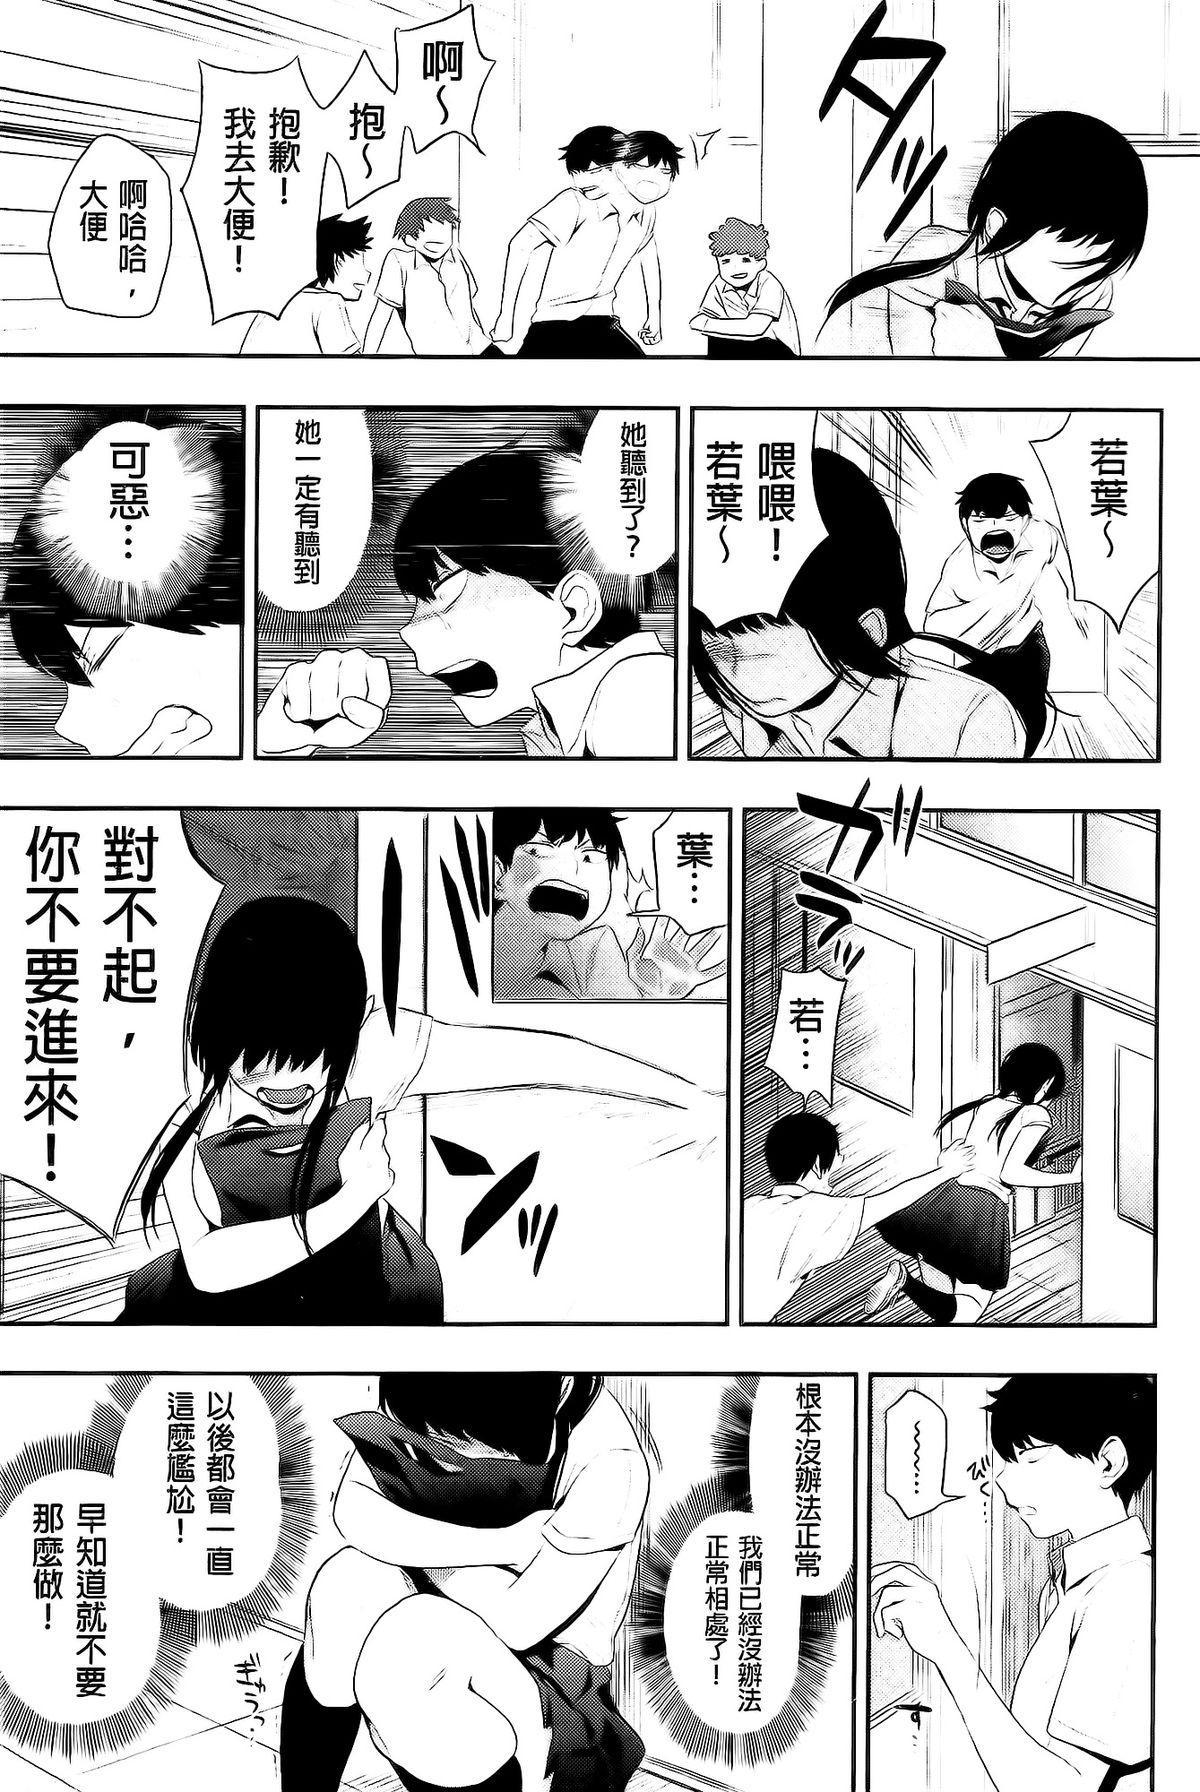 Boku Dake no Yuuyami 42